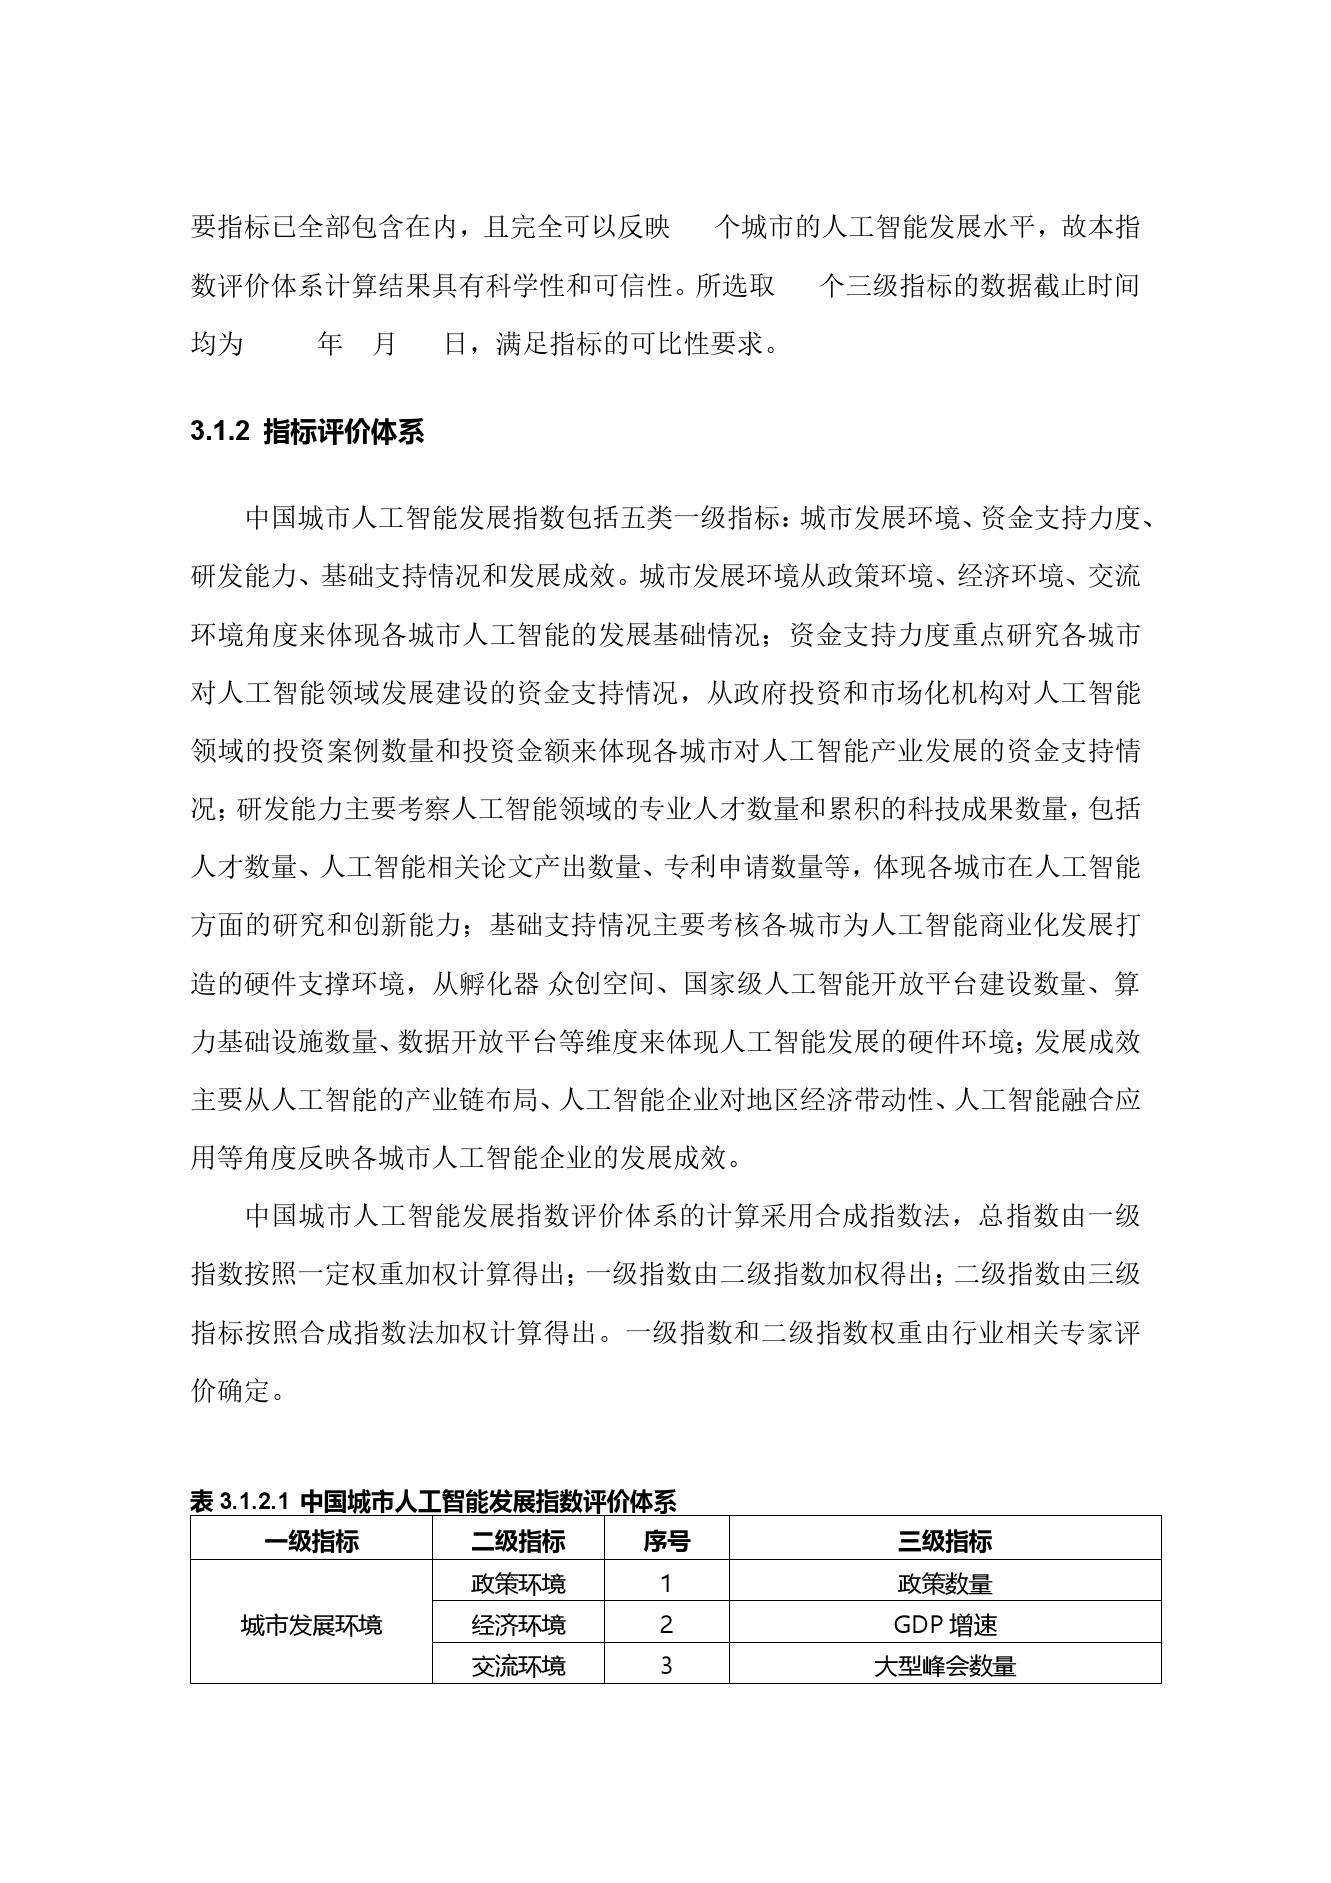 36氪研究院:2020年中国城市人工智能发展指数报告(可下载报告)插图(49)